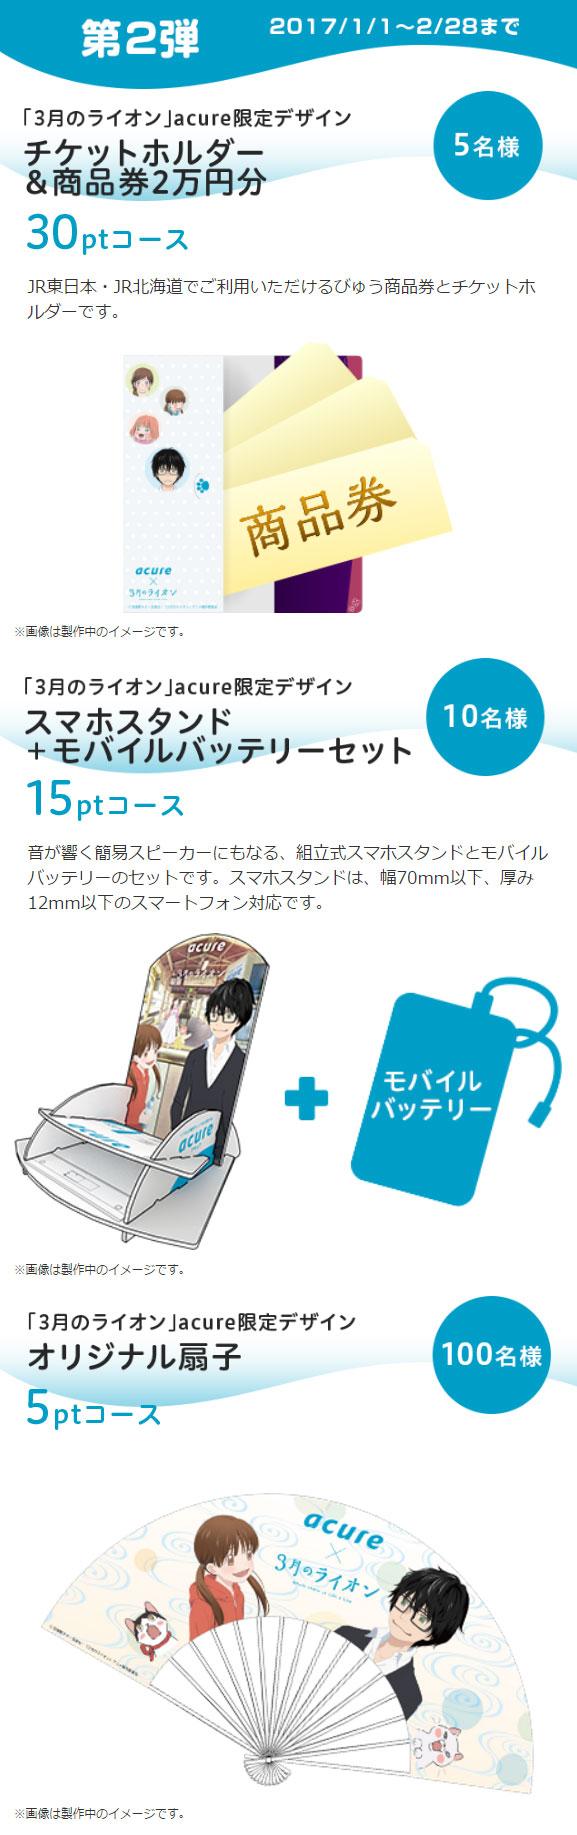 acure アキュア 3月のライオンキャンペーン賞品